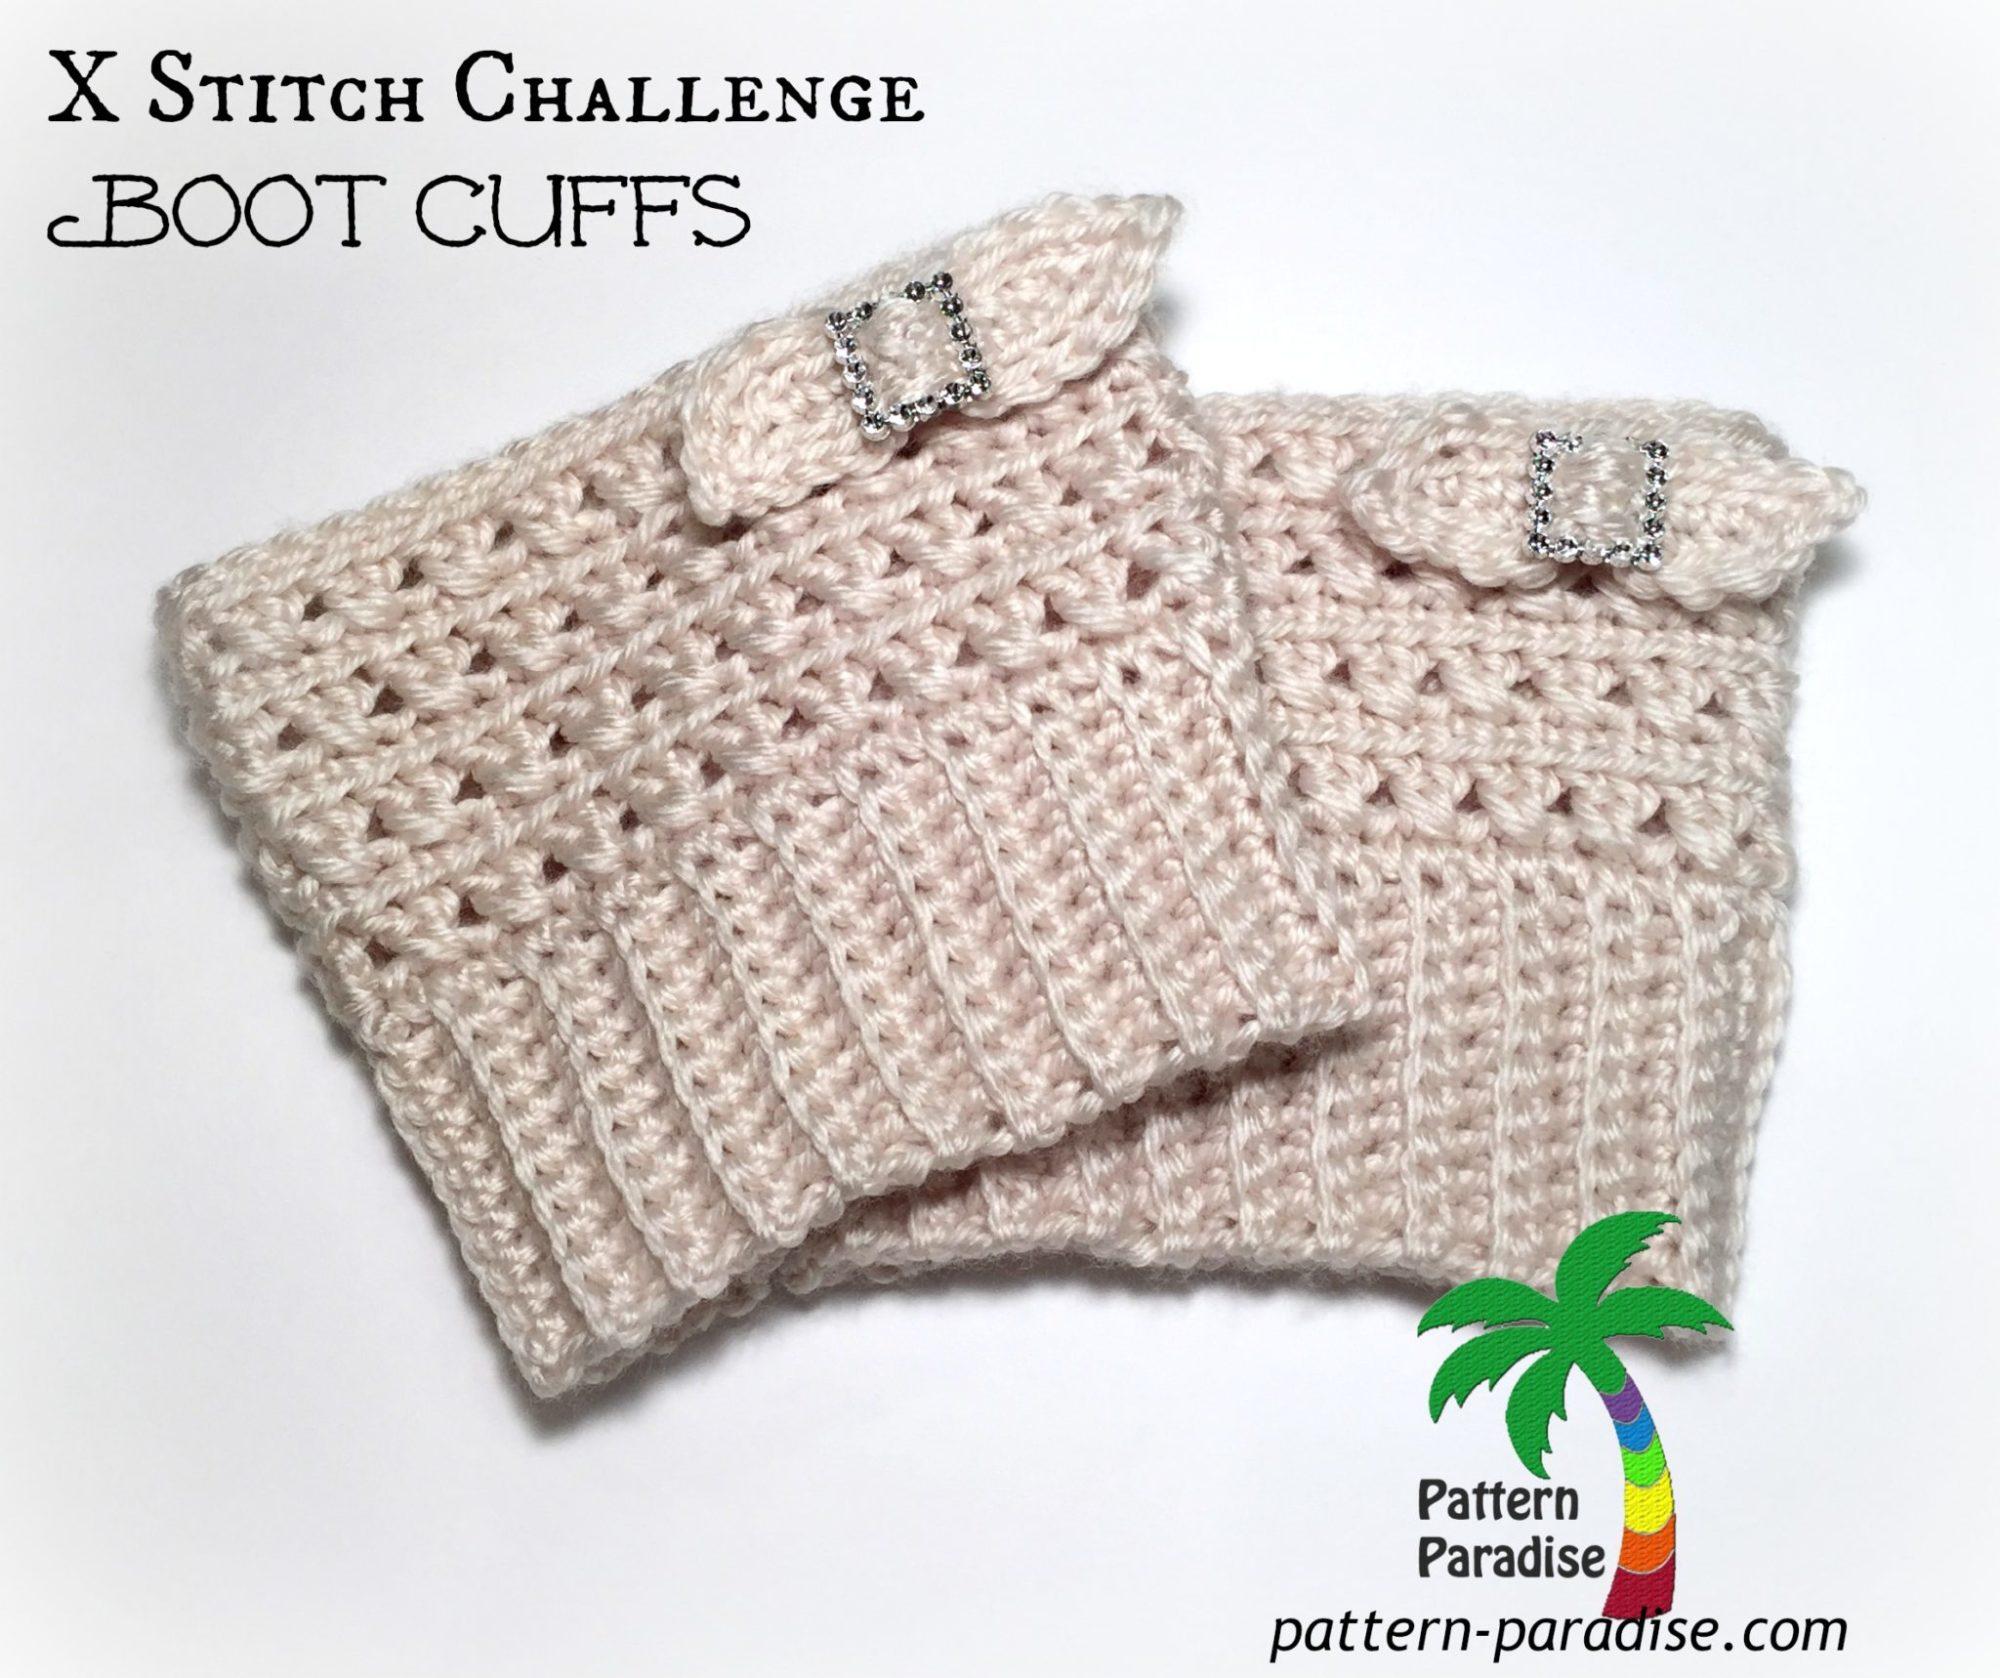 FREE Crochet Pattern - X Stitch Challenge Boot Cuffs | Pattern Paradise